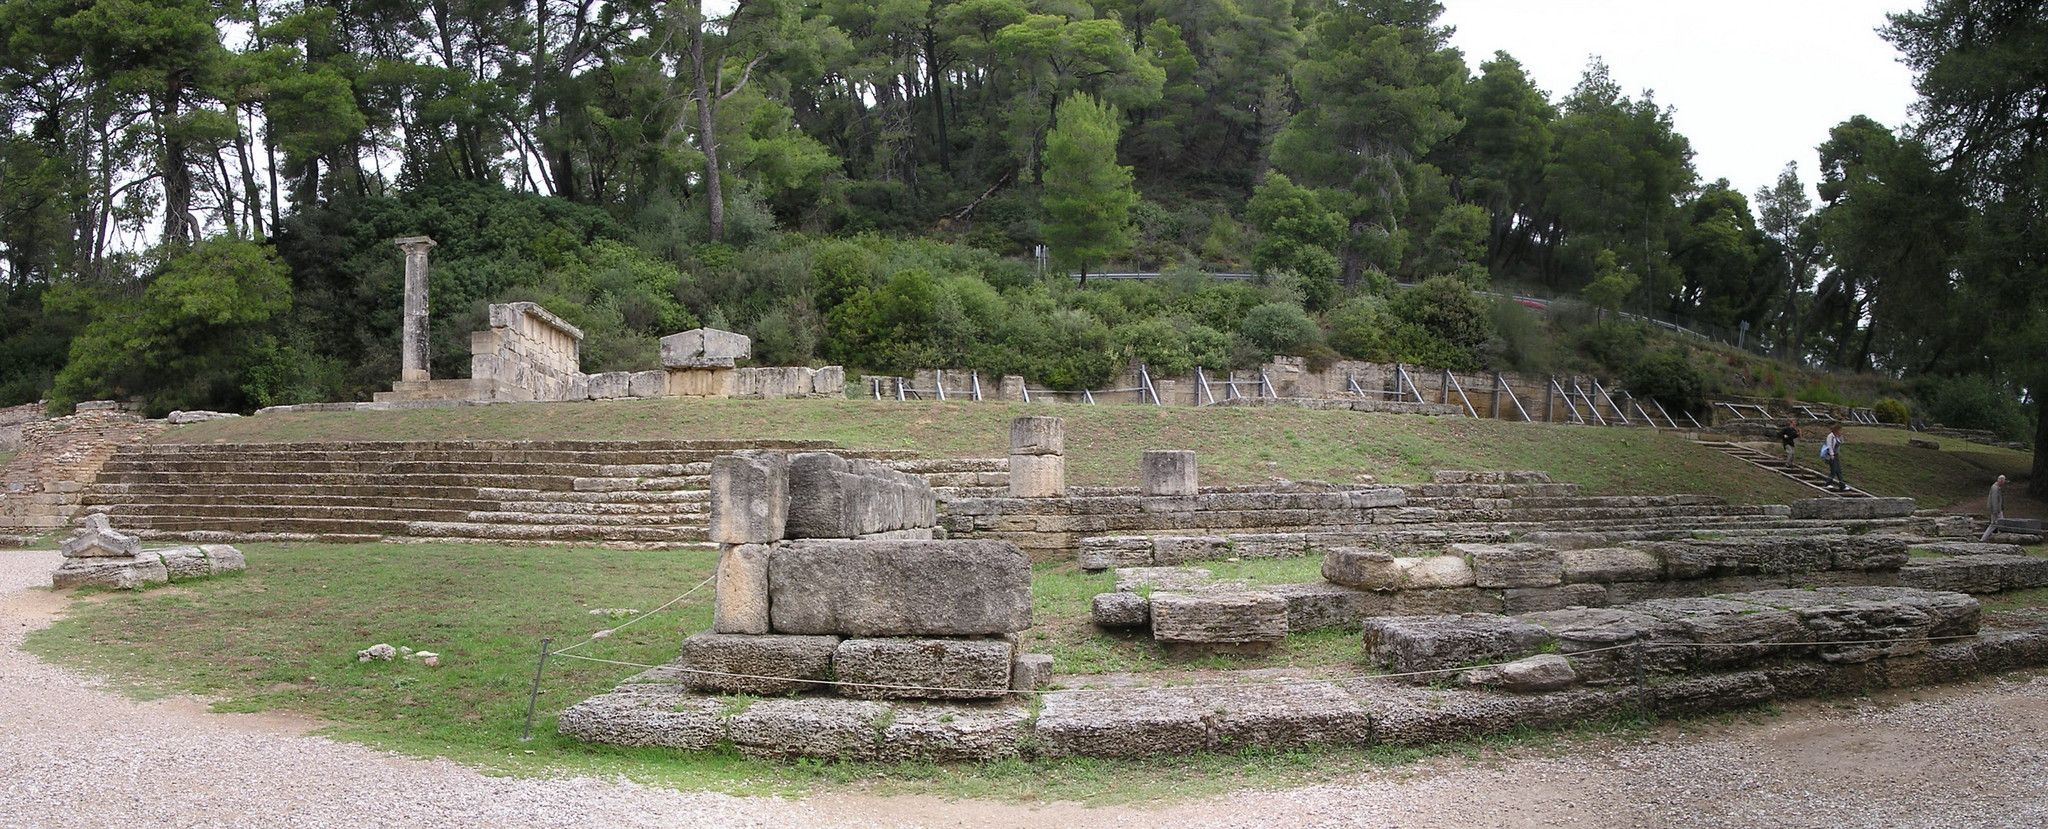 Metroon Templo de Cibeles Olimpia Grecia